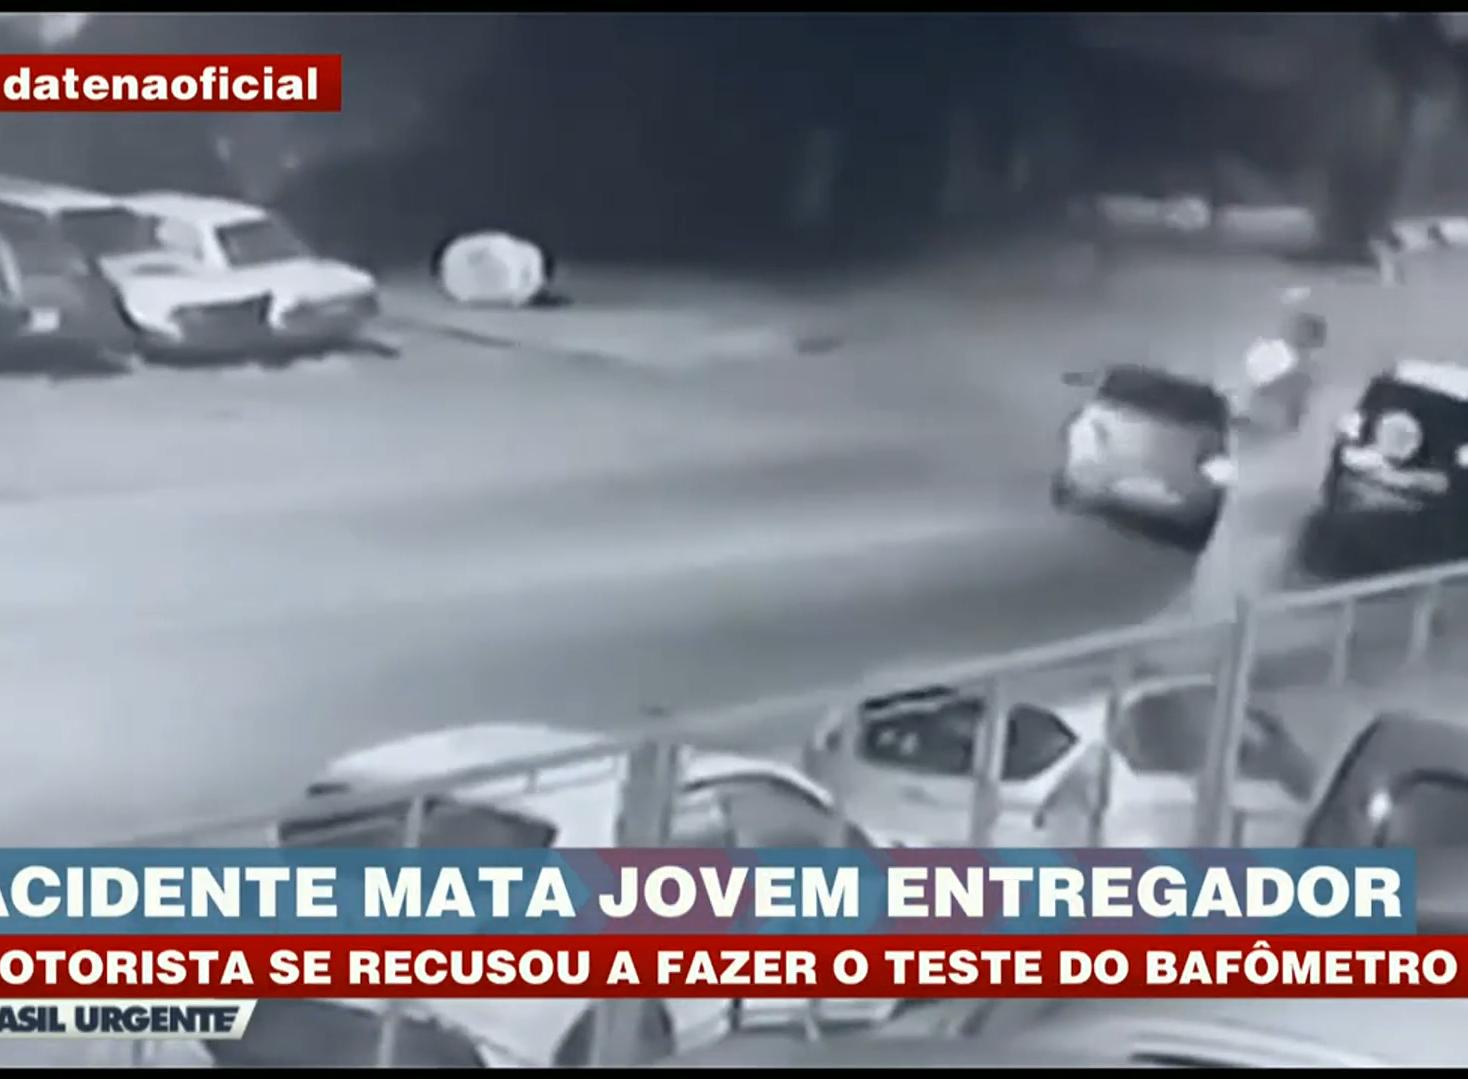 Carro invade contramão e mata jovem entregador em Jandira